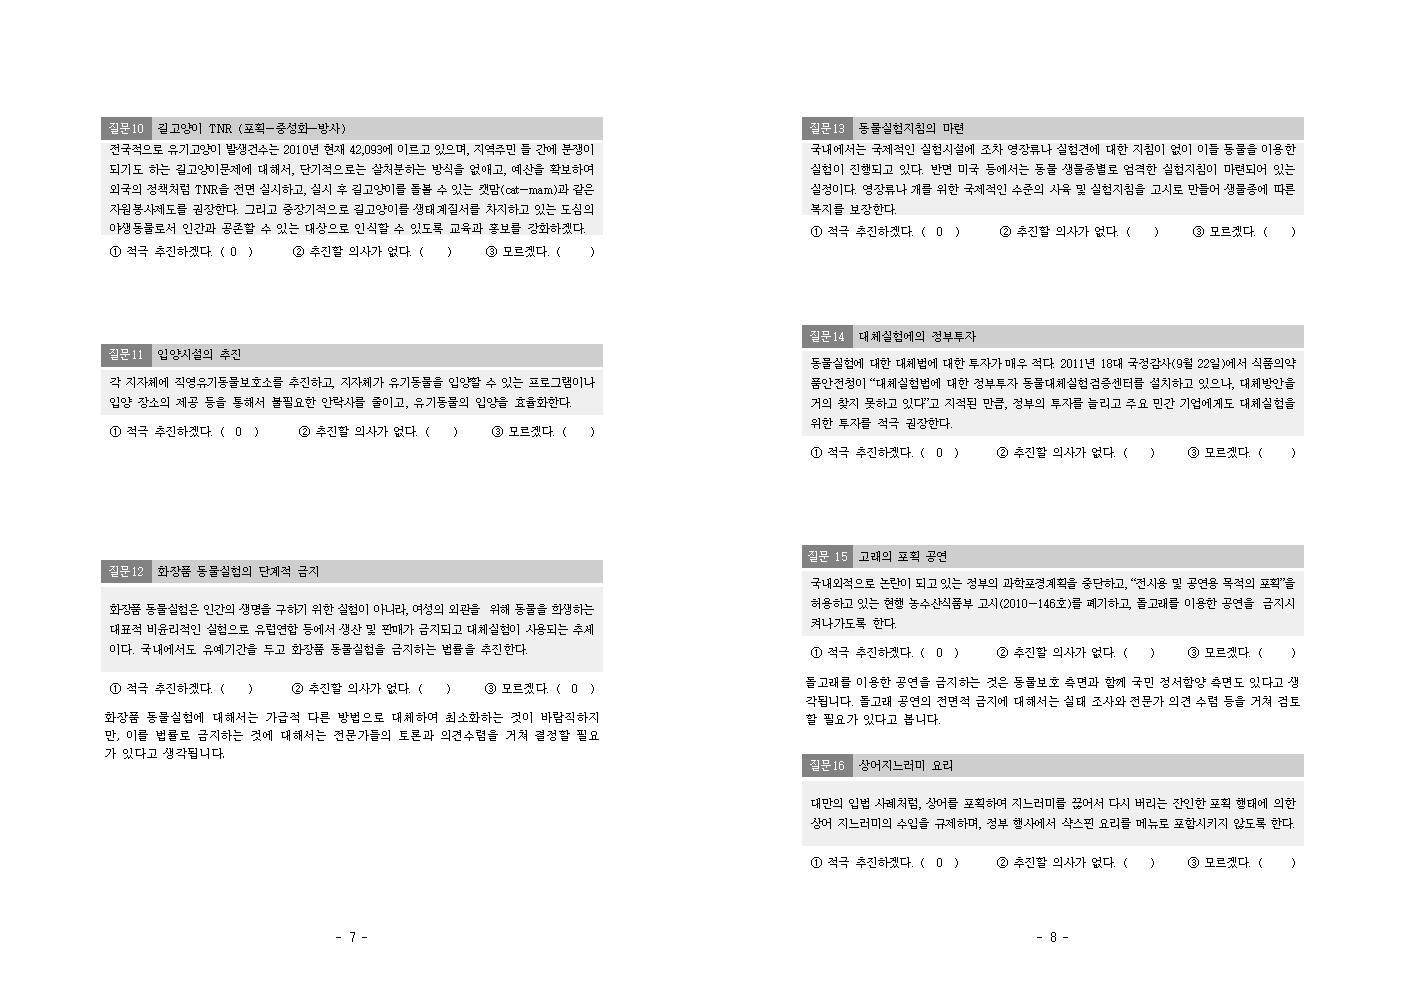 박근혜_동물정책 질의서(회신)004.jpg